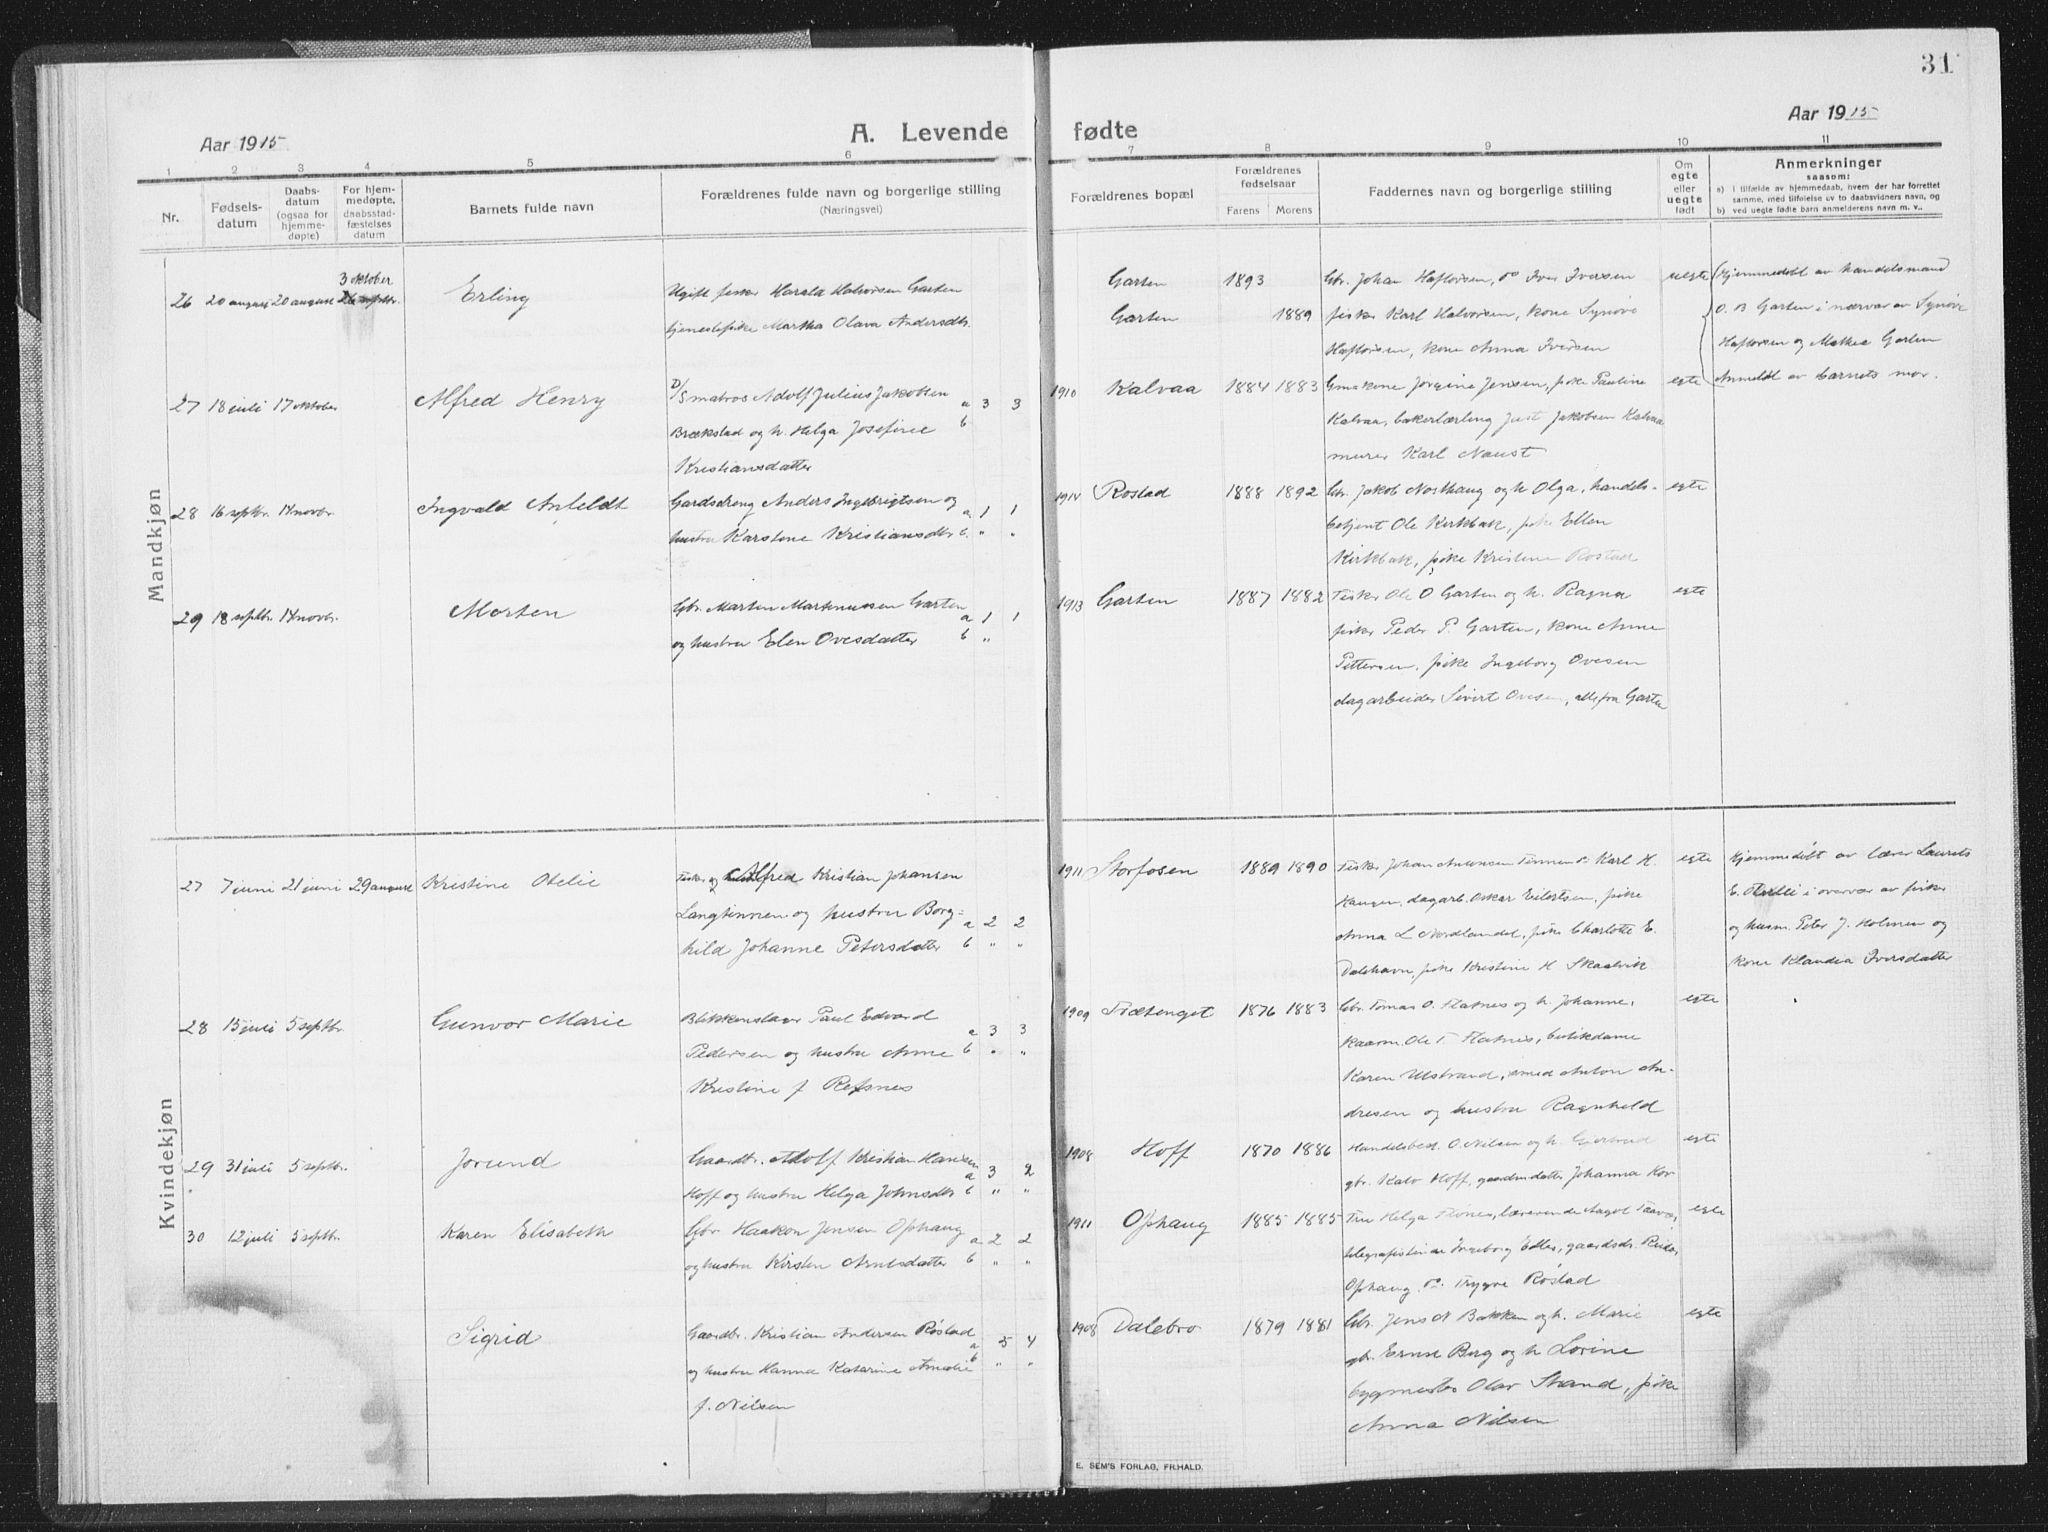 SAT, Ministerialprotokoller, klokkerbøker og fødselsregistre - Sør-Trøndelag, 659/L0747: Klokkerbok nr. 659C04, 1913-1938, s. 31